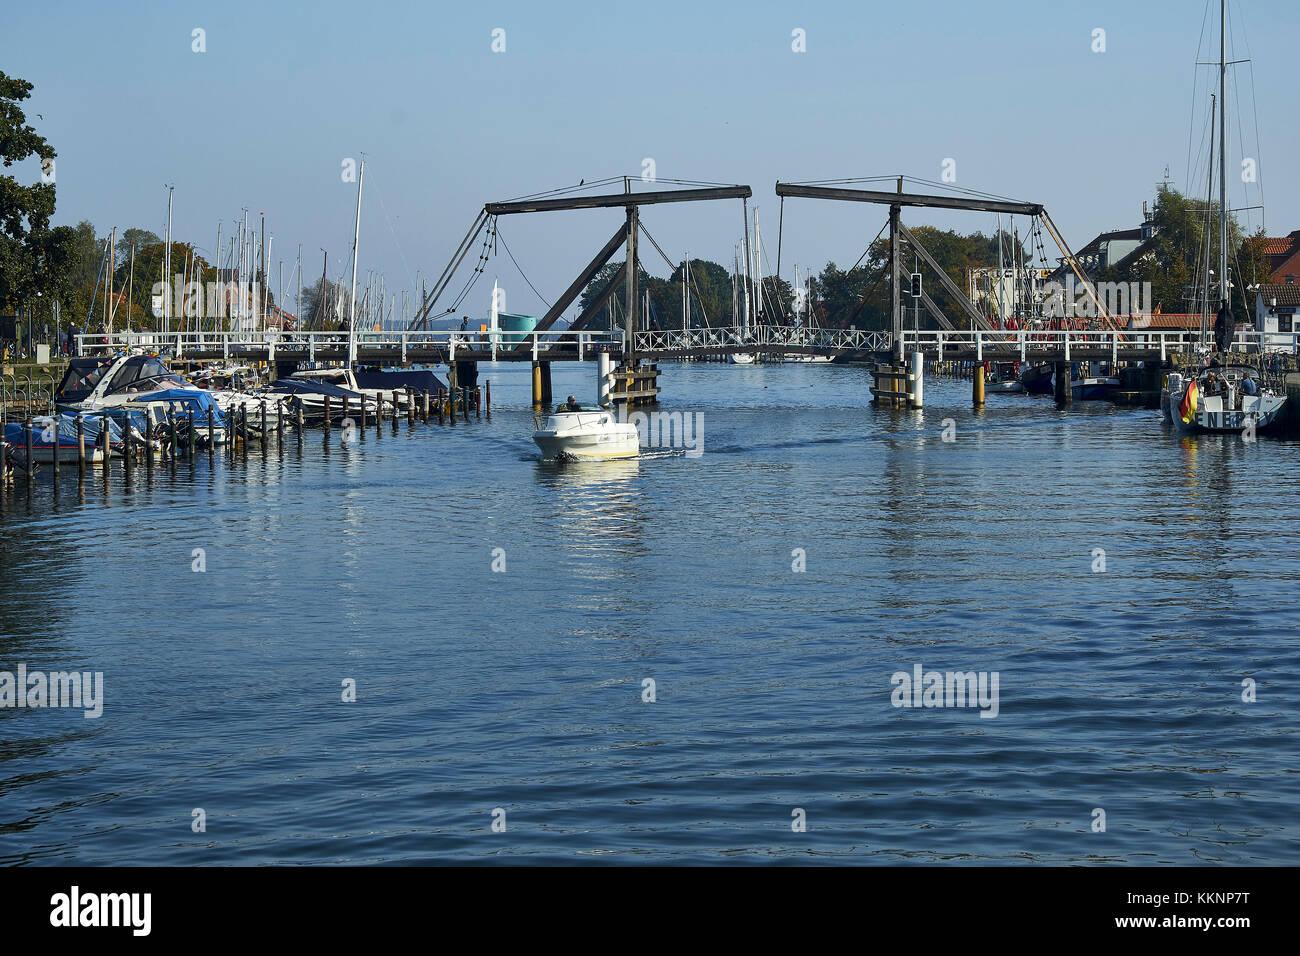 Bascule bridge in Greifswald, Wiek, Mecklenburg-Vorpommern, Germany - Stock Image